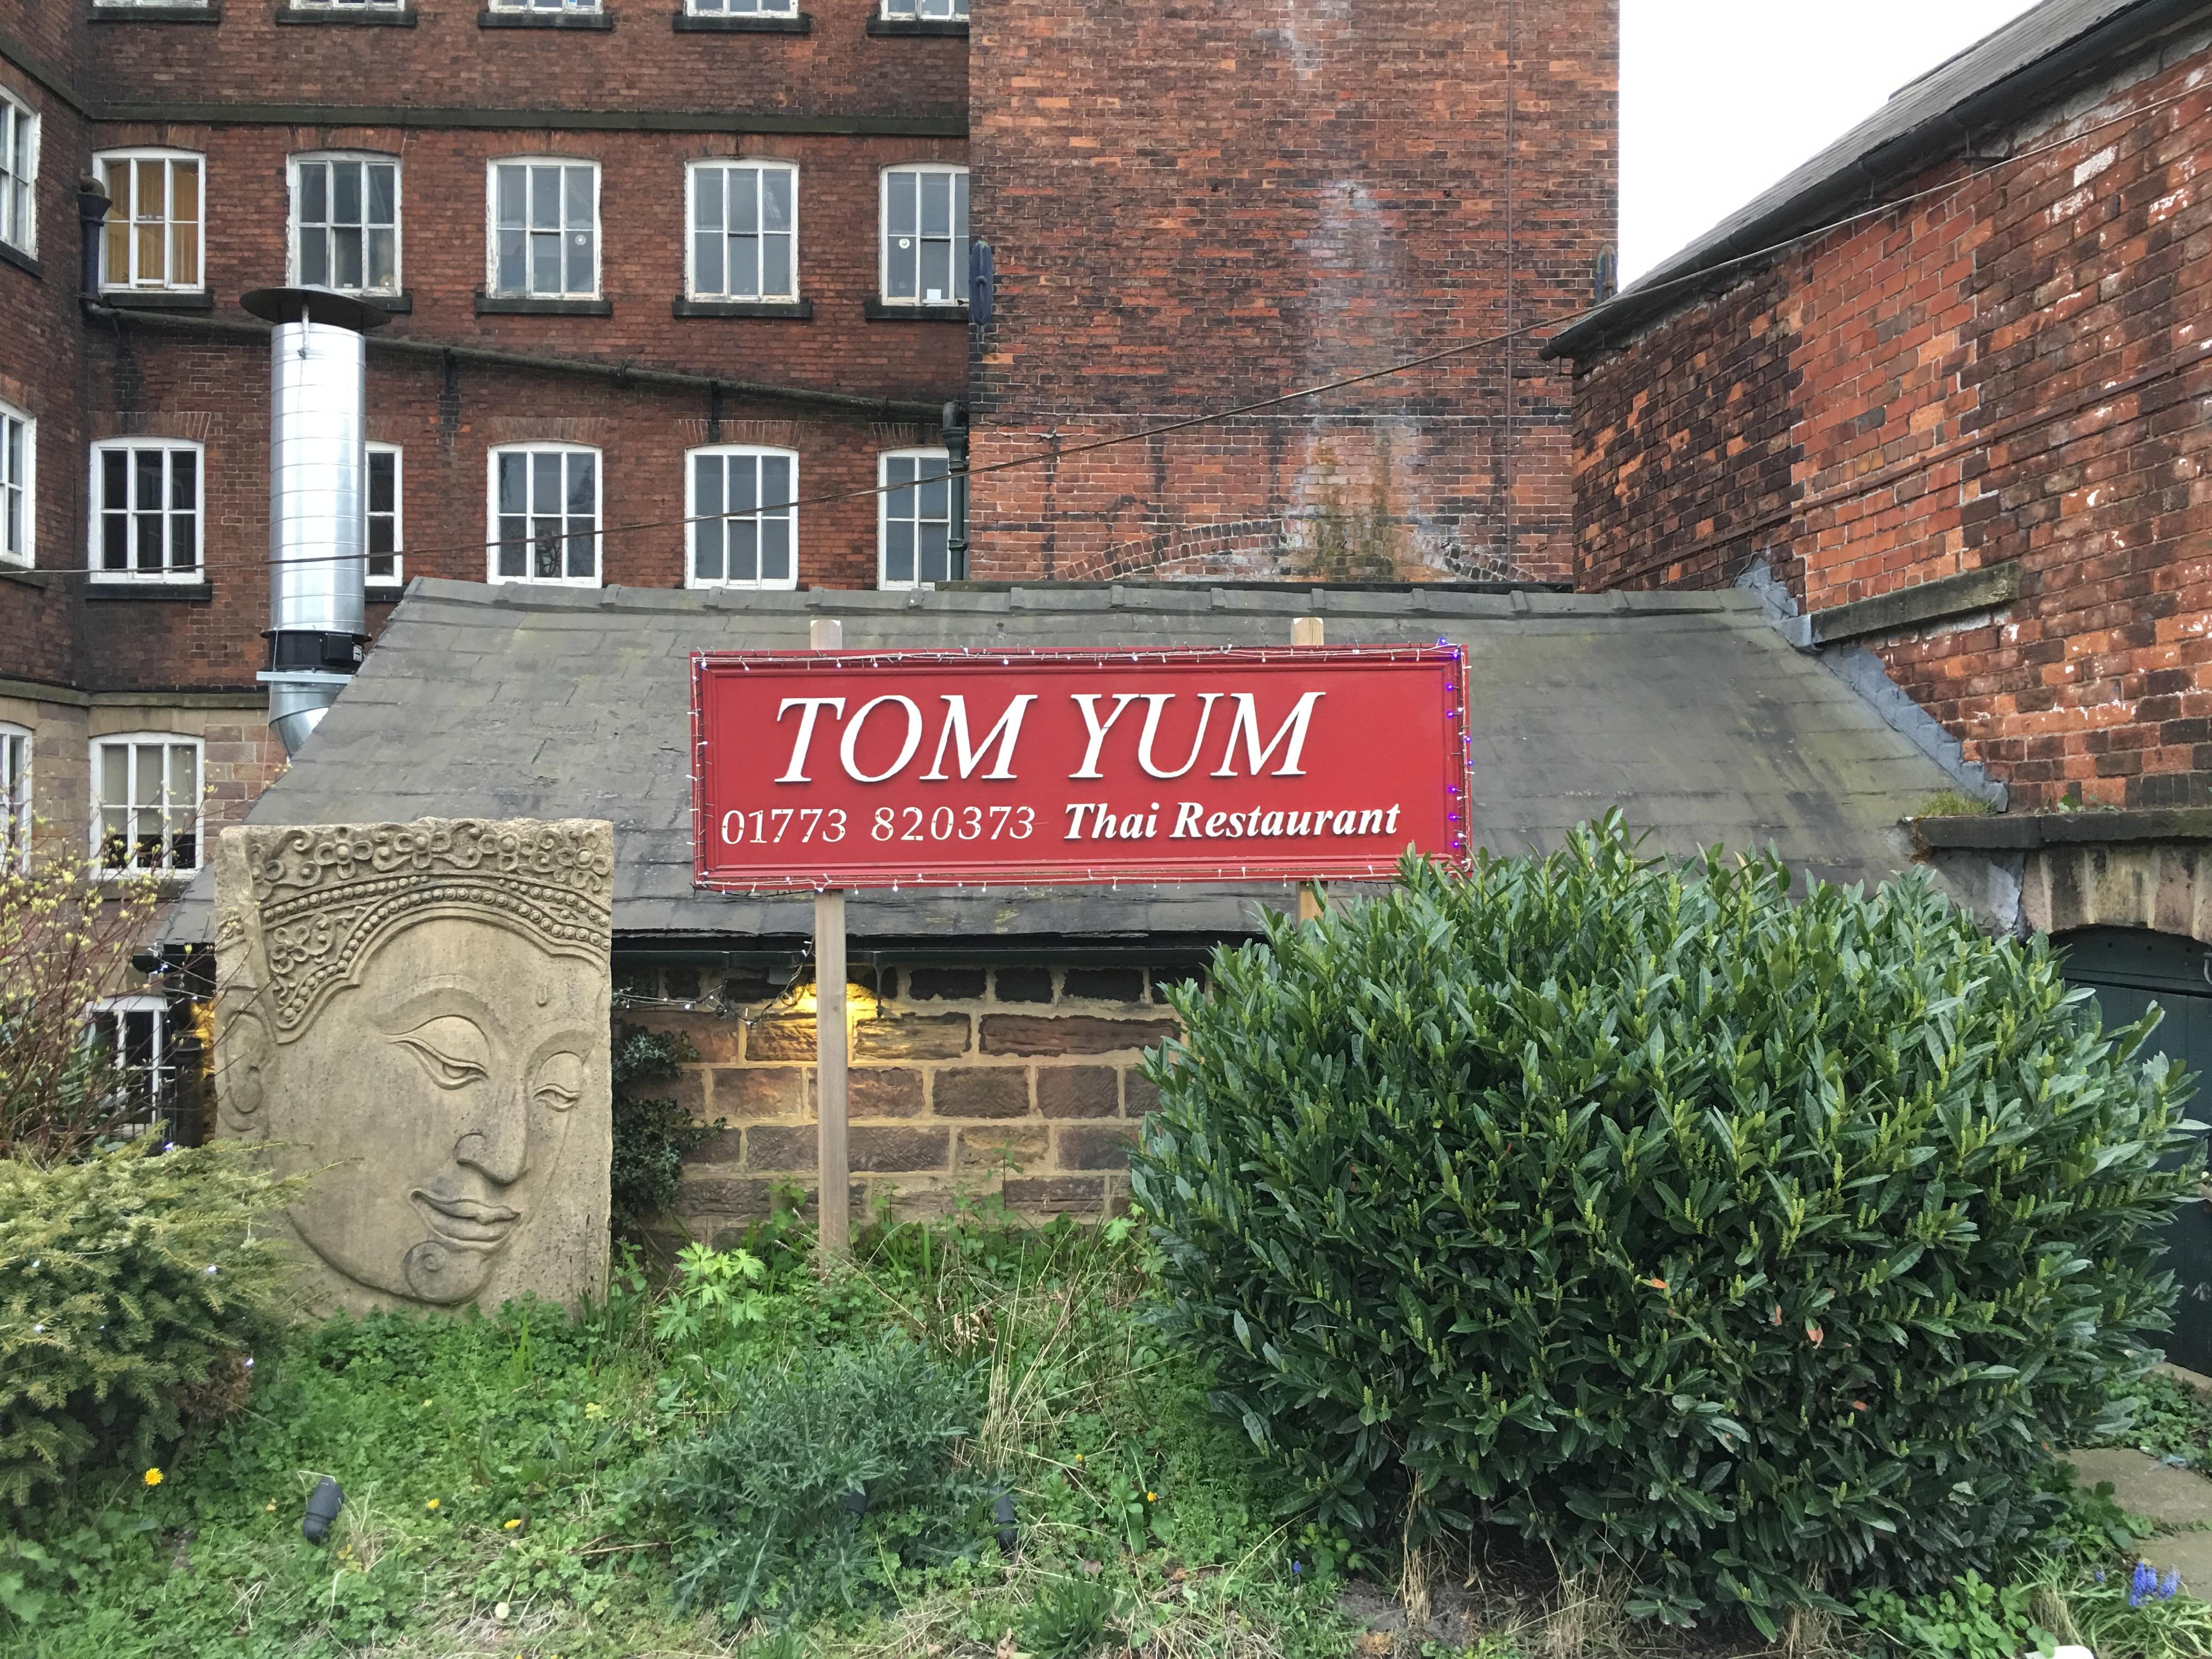 Tom Yum Belper.jpeg